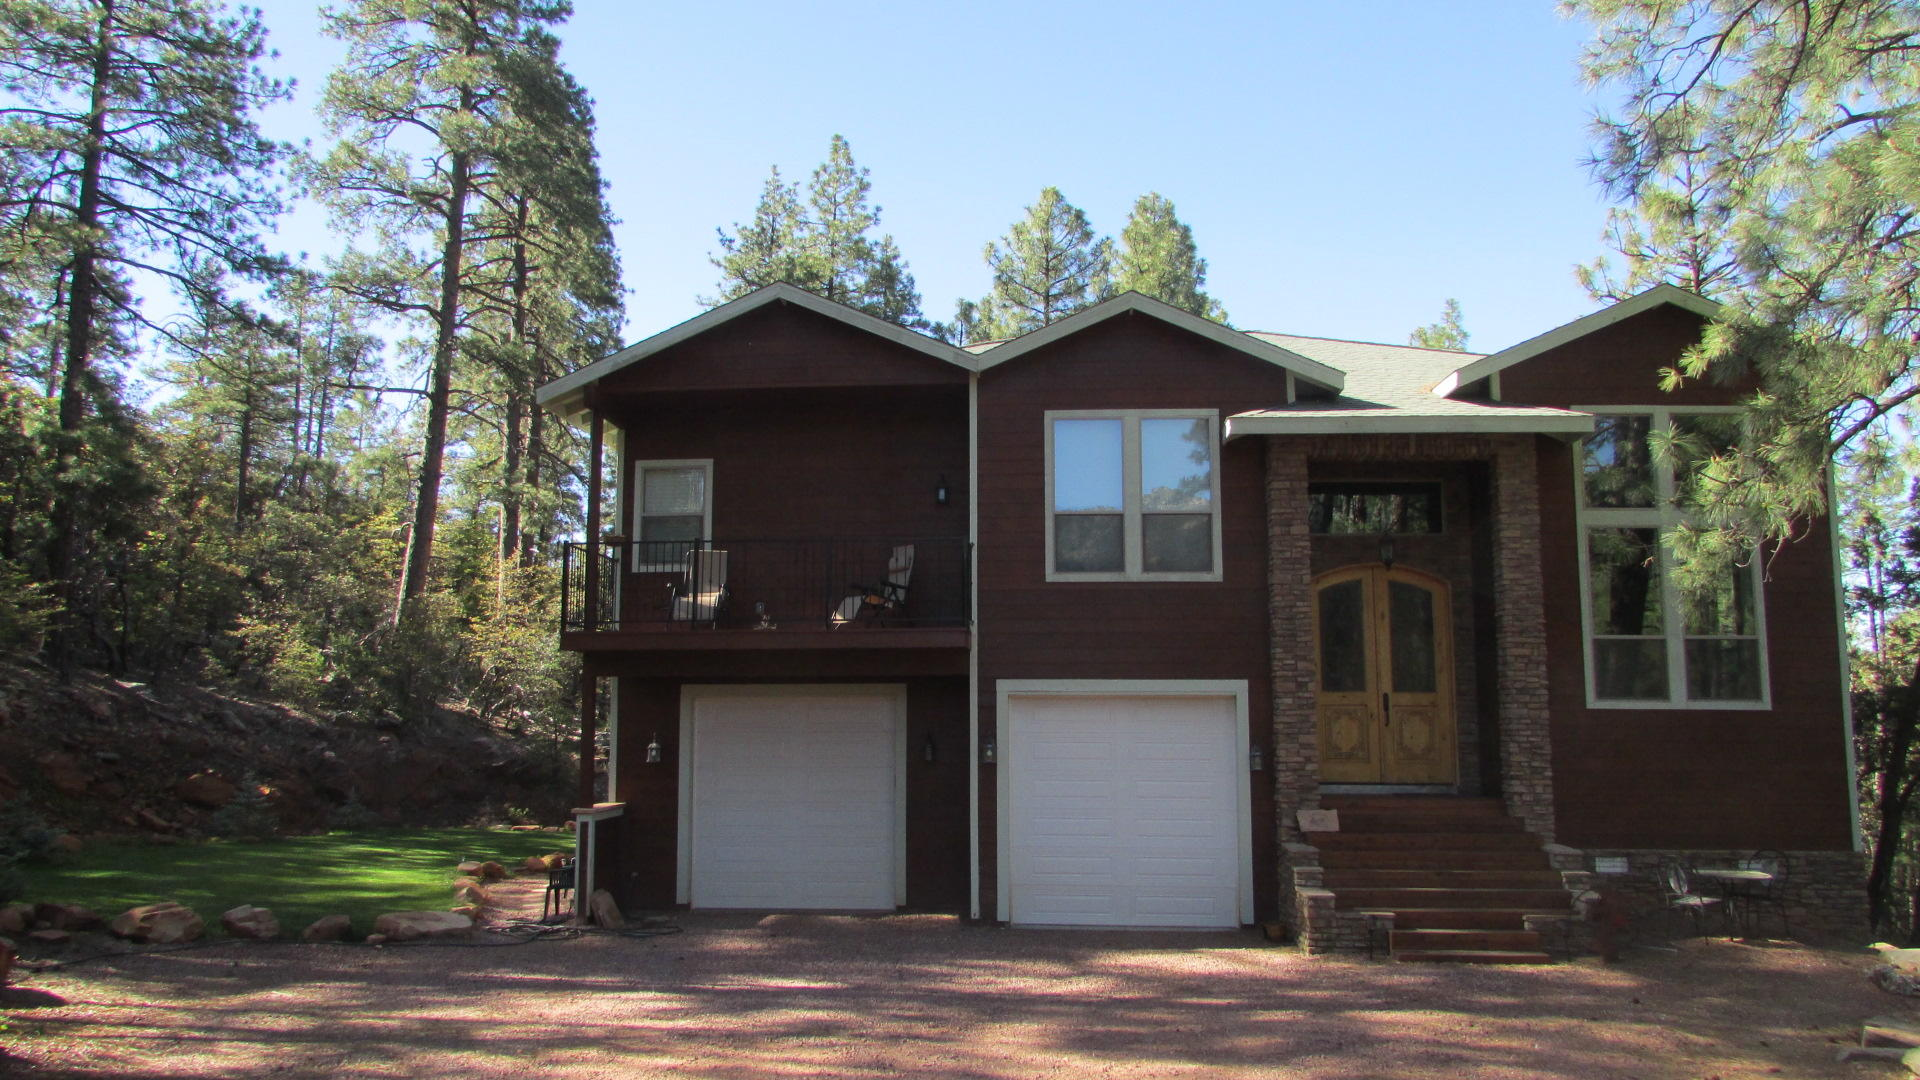 Photo of 415 E Rim Estates, Payson, AZ 85541